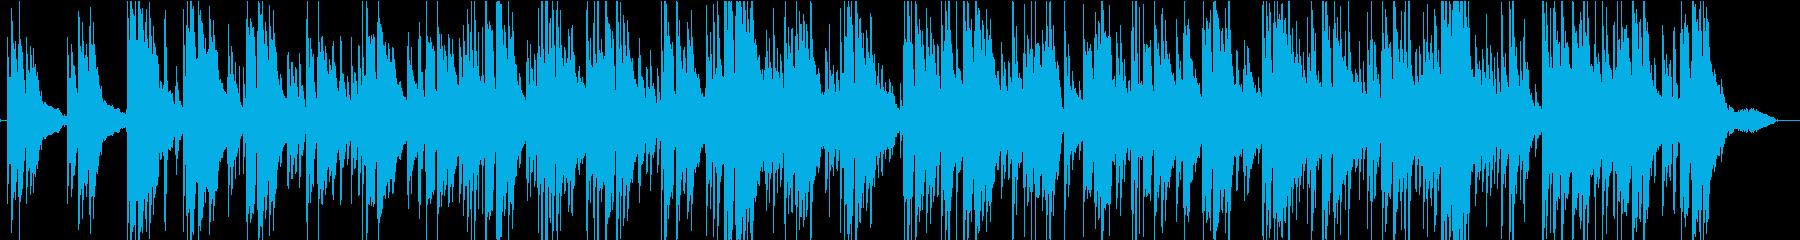 動画 サスペンス 説明的 静か ハ...の再生済みの波形